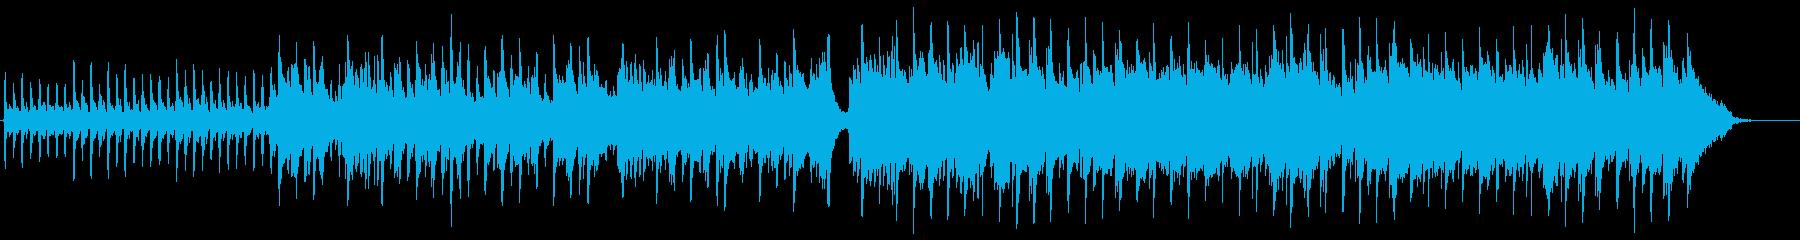 感動系・オープニング・エンディングに最適の再生済みの波形